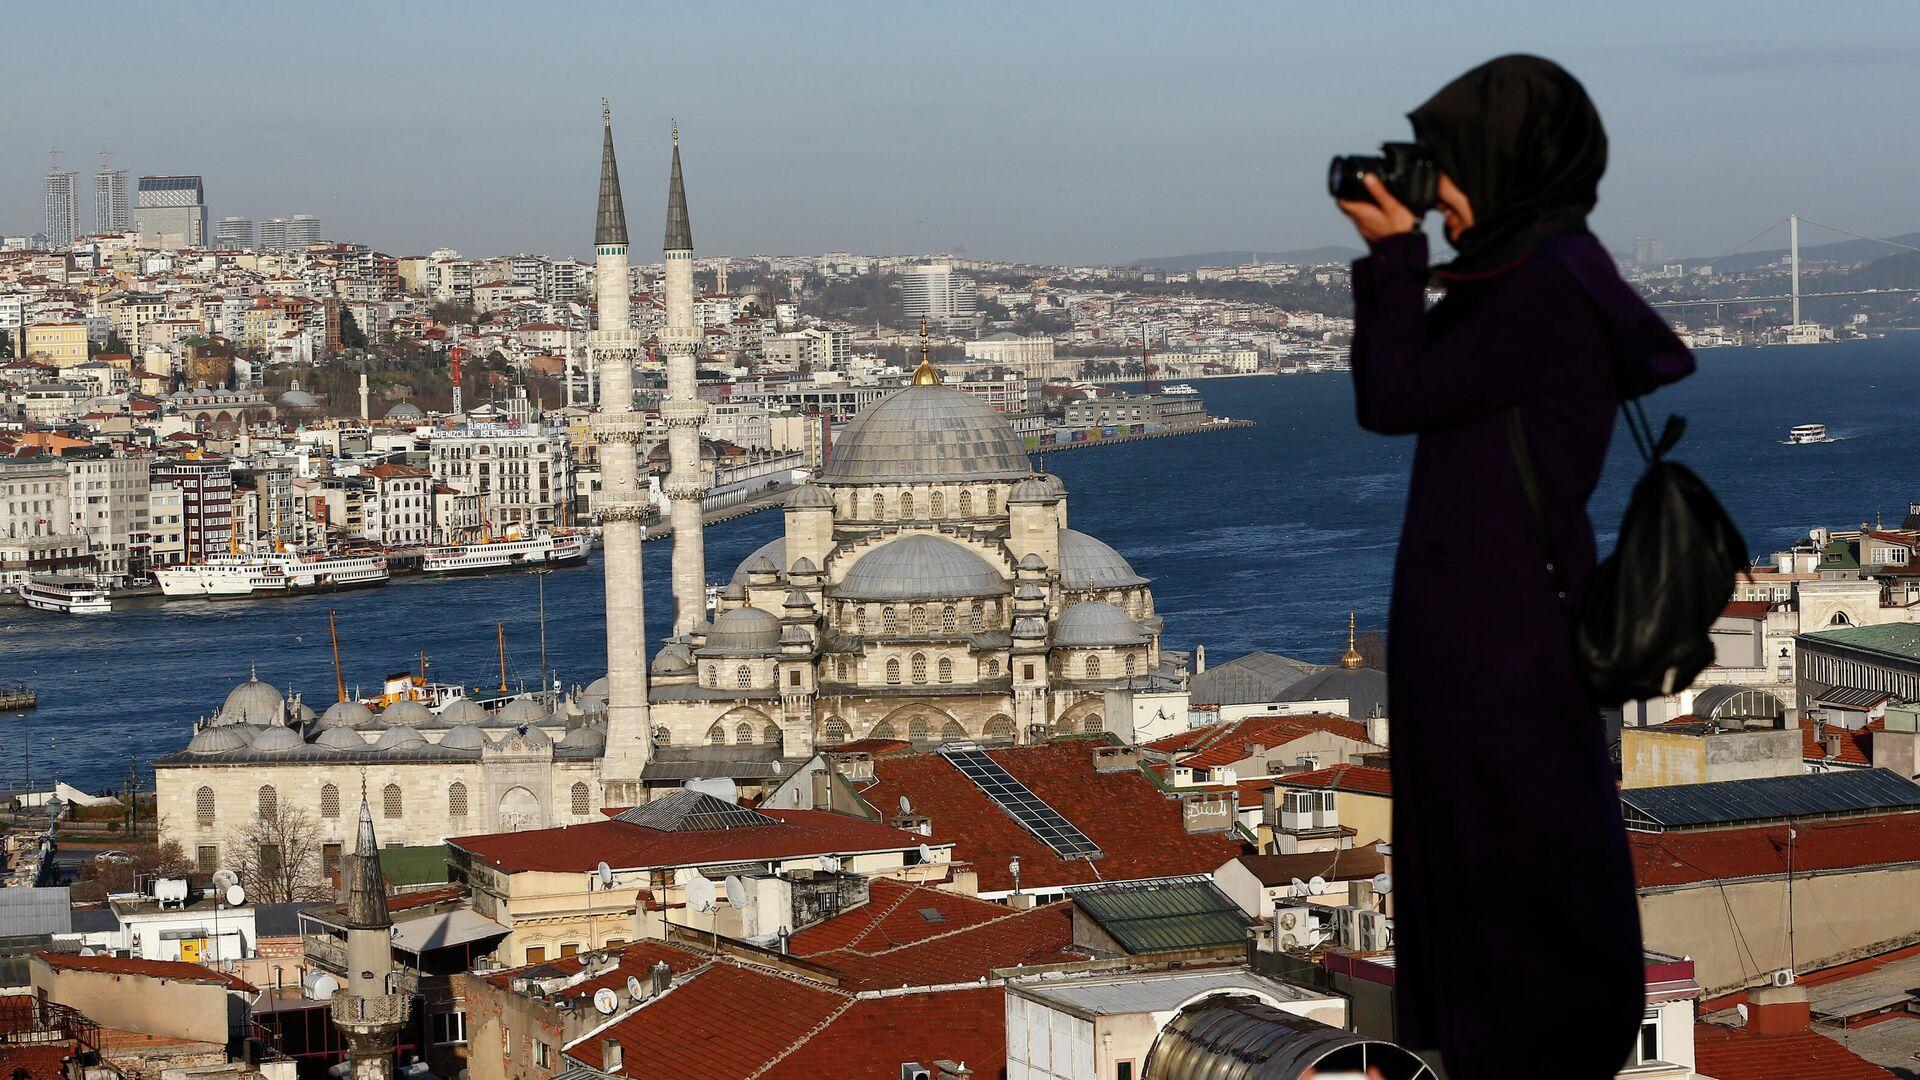 Вид на пролив Босфор, туристка фотографирует Стамбул, Турция - Sputnik Грузия, 1920, 25.09.2021